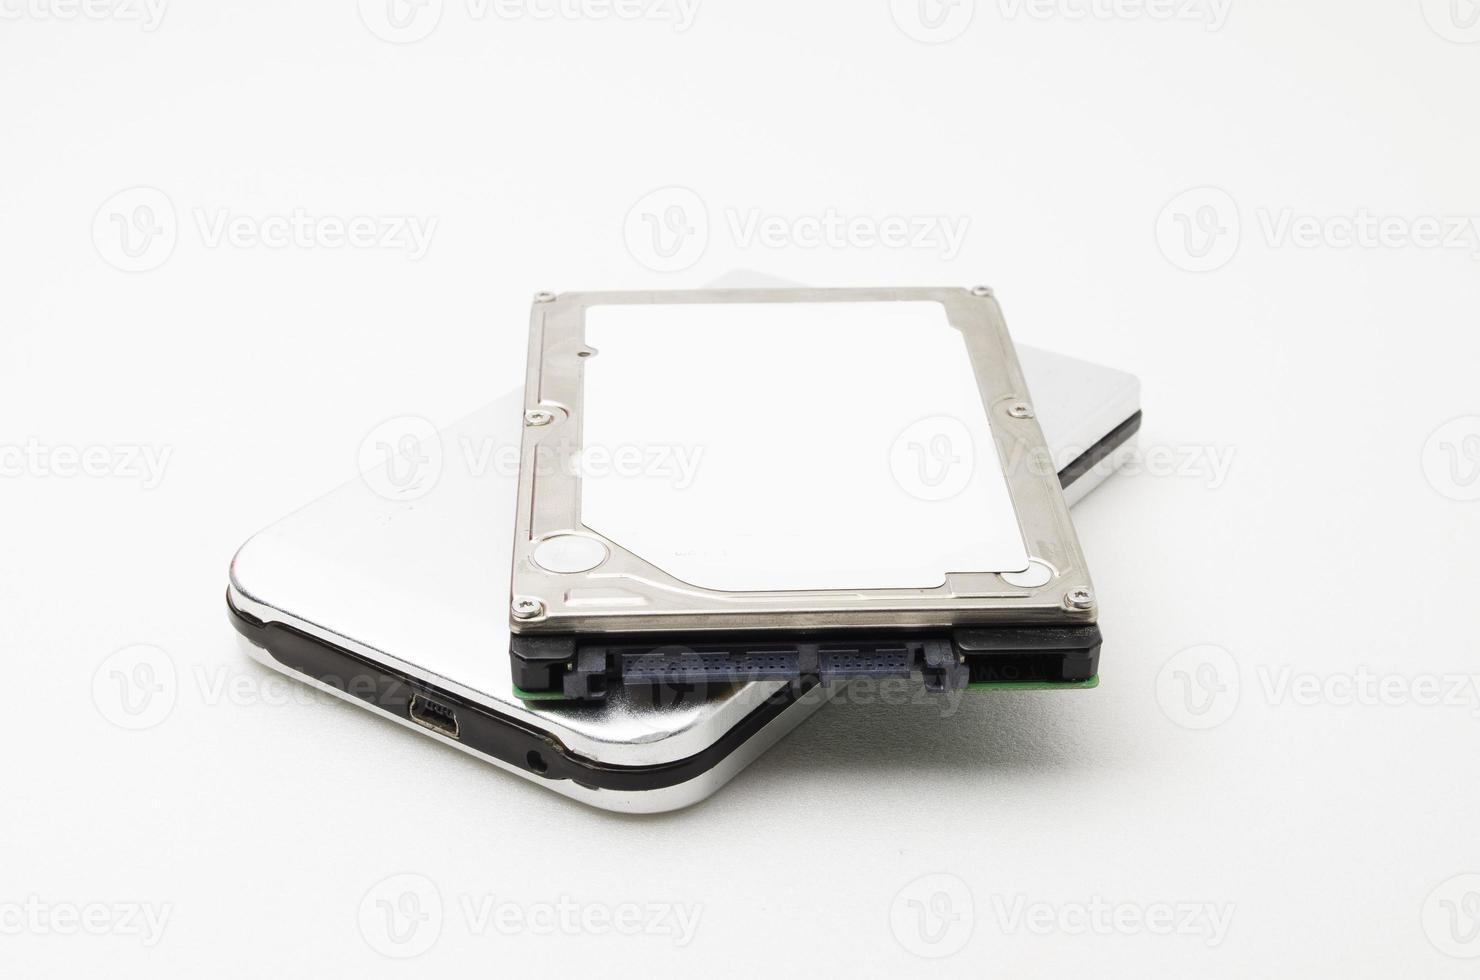 unidade de disco rígido para laptop com gabinete externo foto